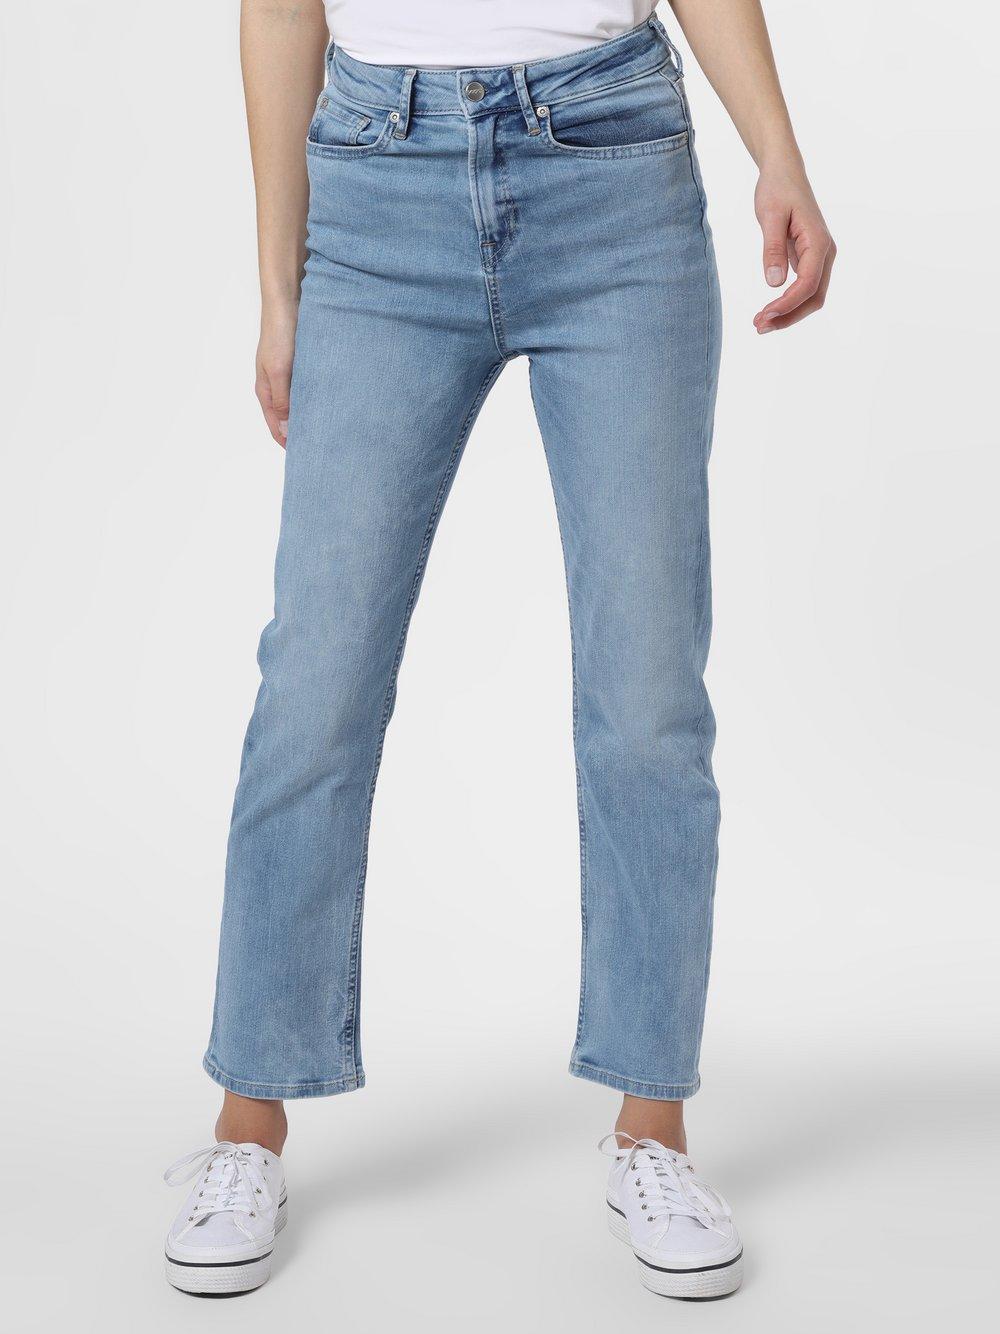 Pepe Jeans - Jeansy damskie – Lexi, niebieski